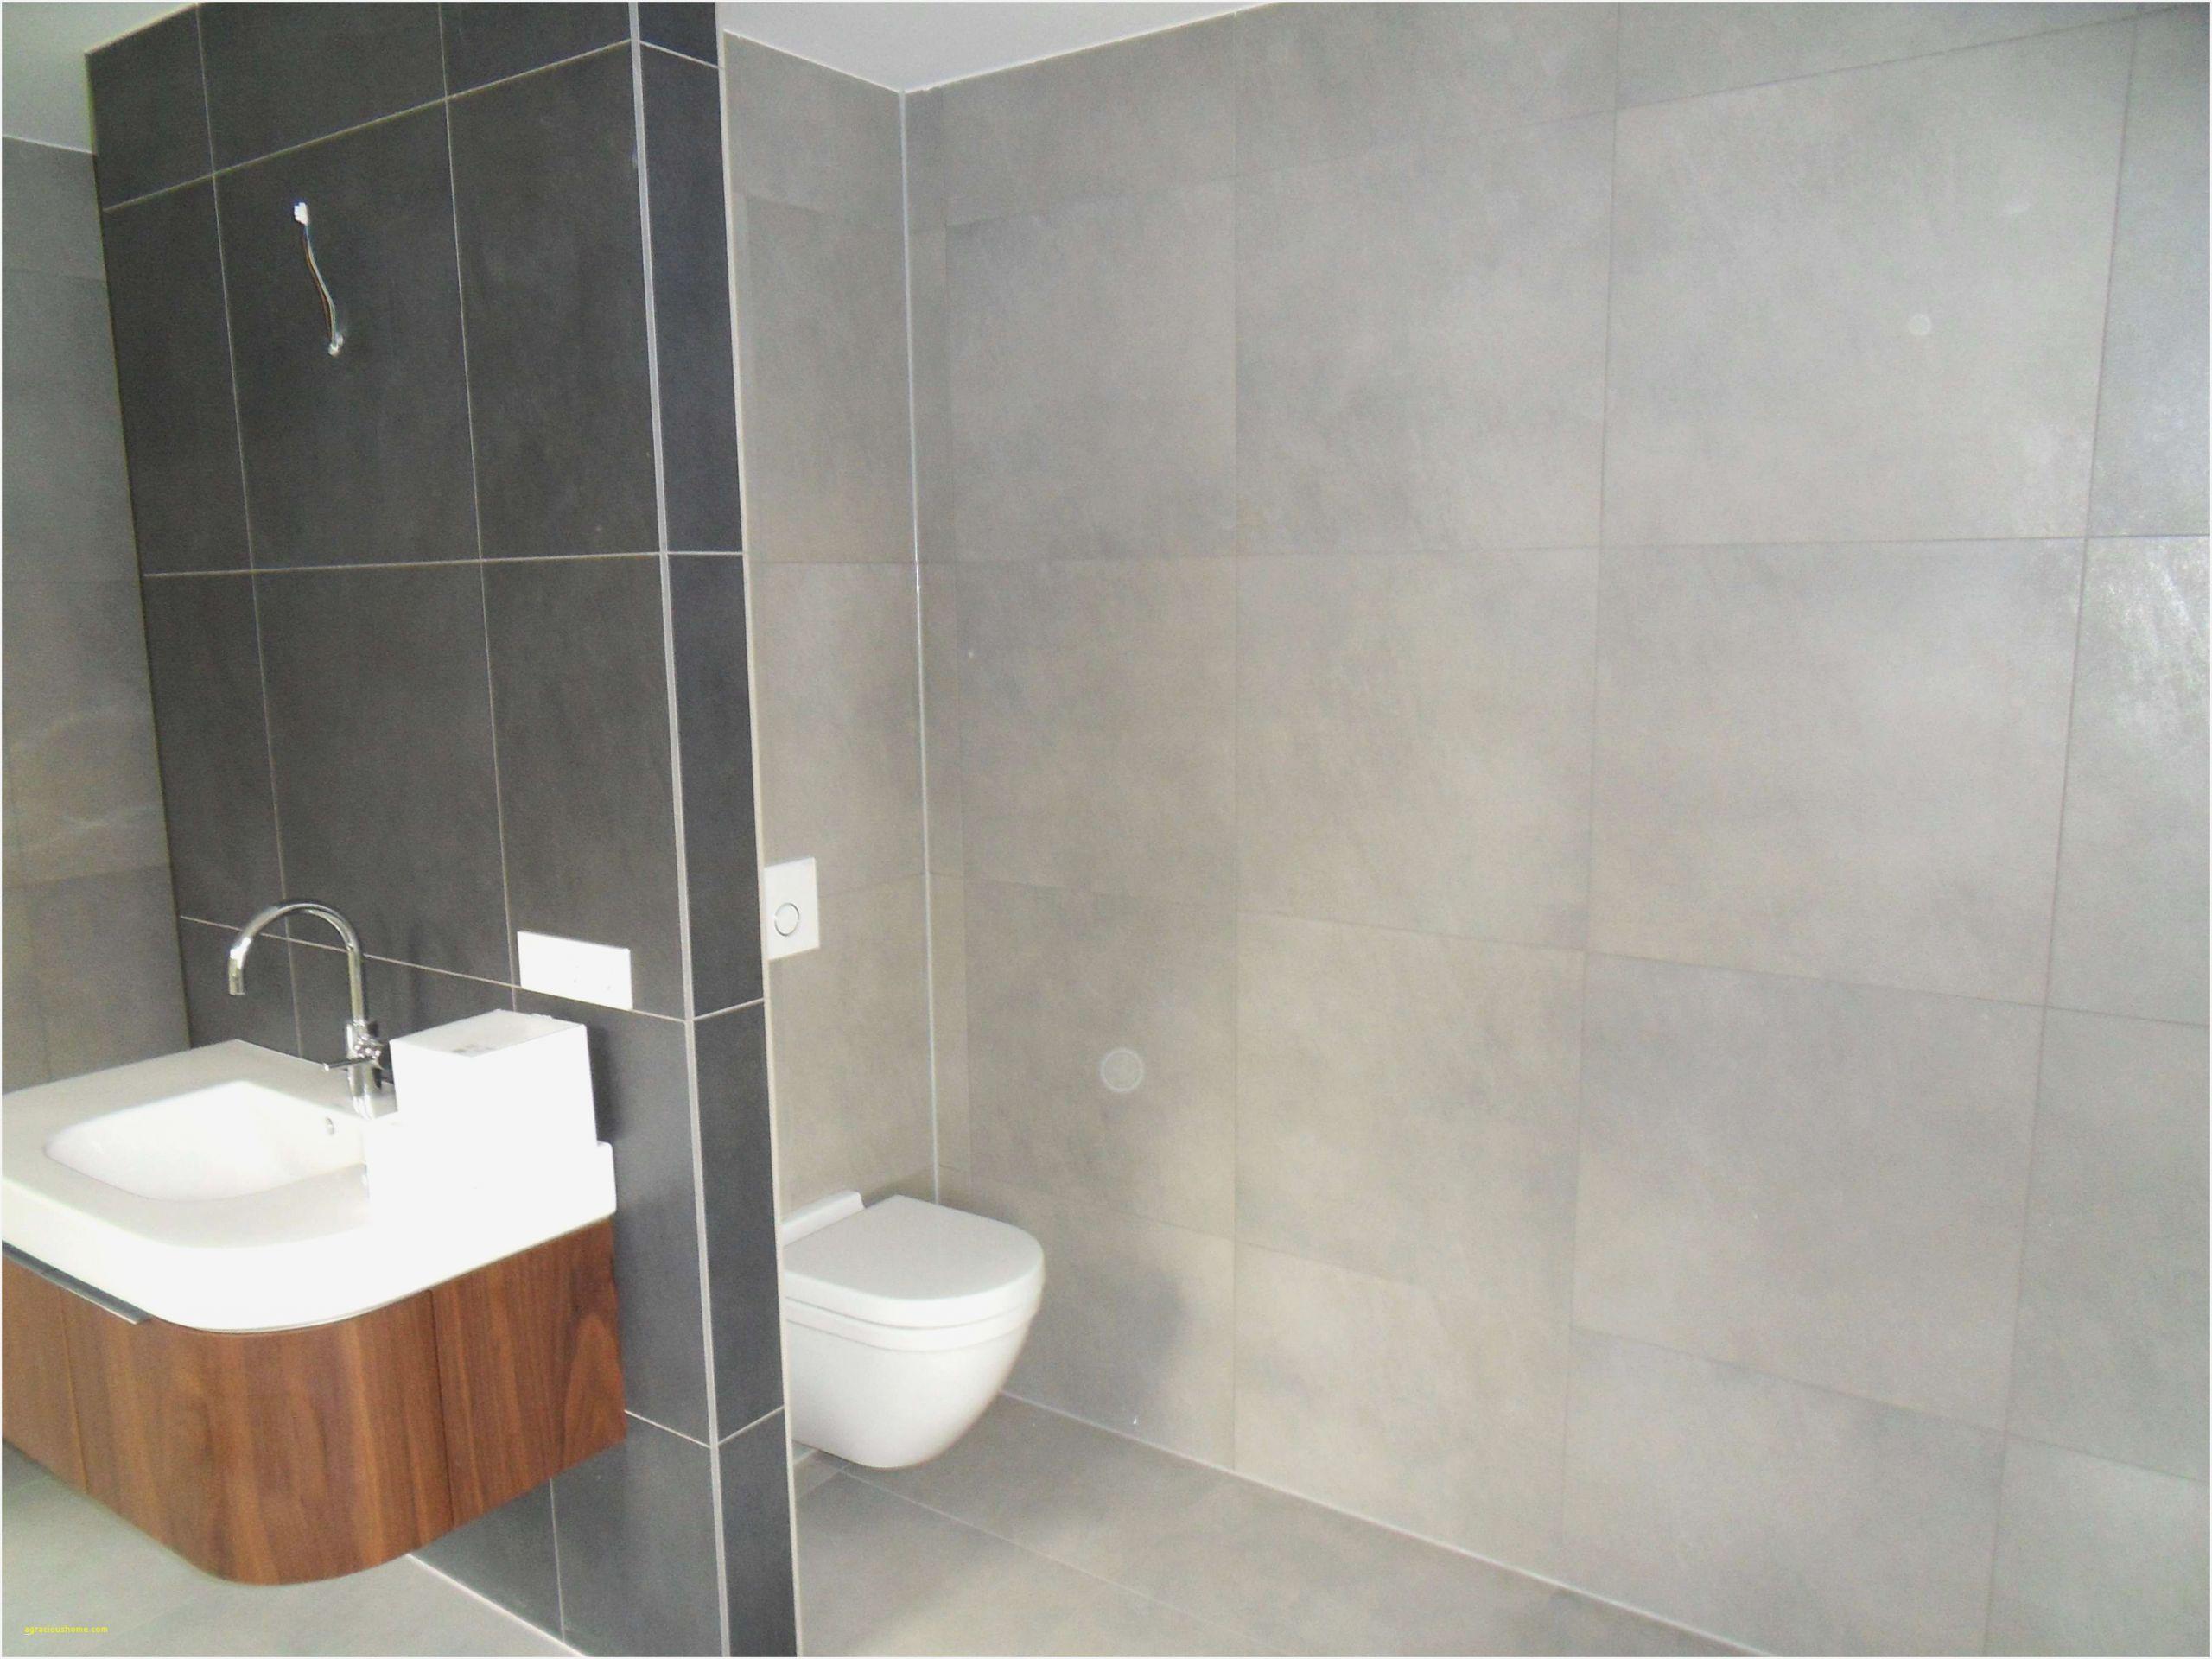 Full Size of Fliesenspiegel Verkleiden Badezimmer Mit Pvc Ankleidezimmer Traumhaus Küche Glas Selber Machen Wohnzimmer Fliesenspiegel Verkleiden